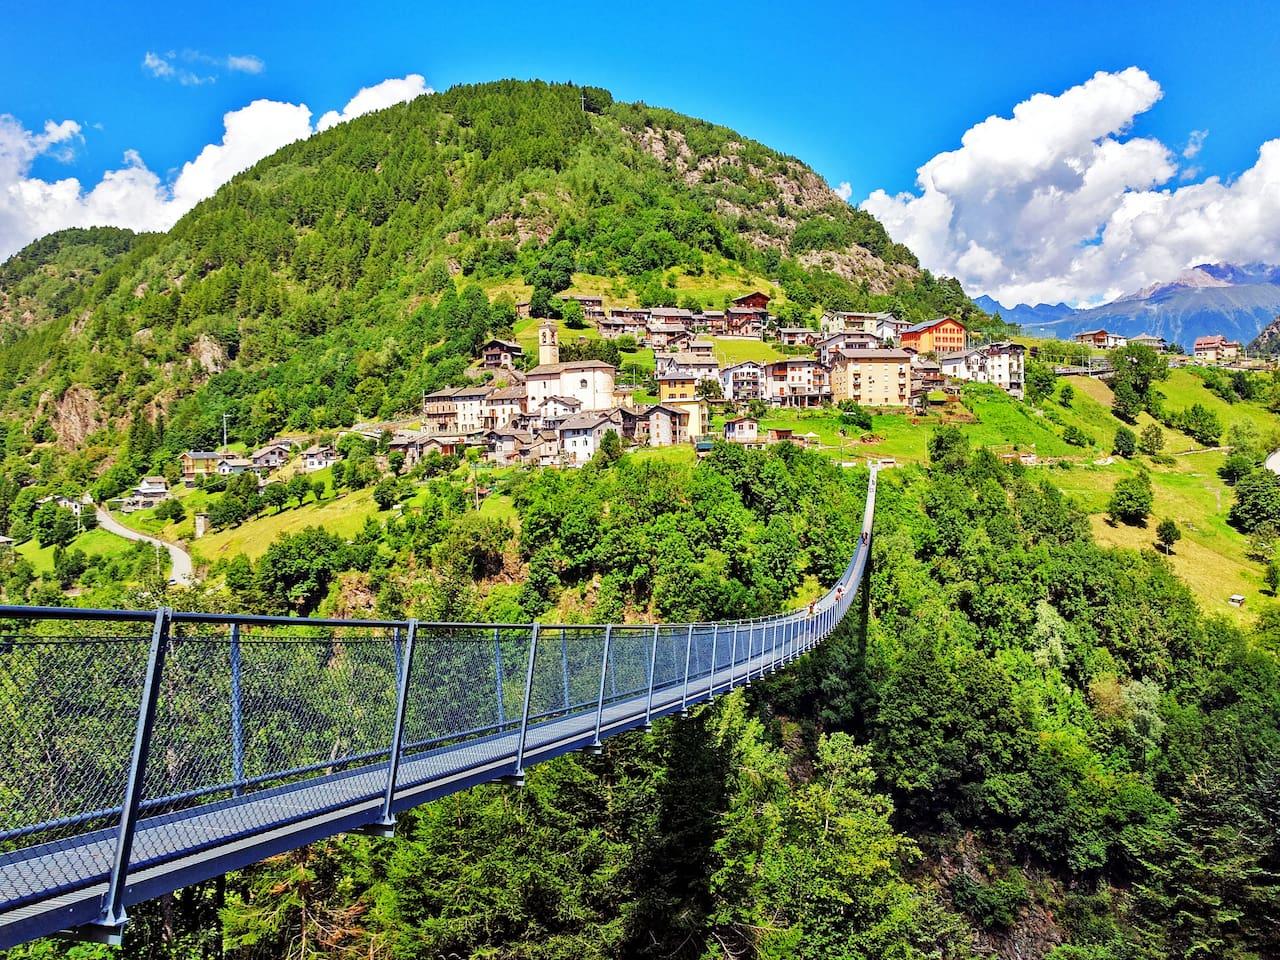 Il ponte tibetano più alto d'Europa e l'abitato di Campo